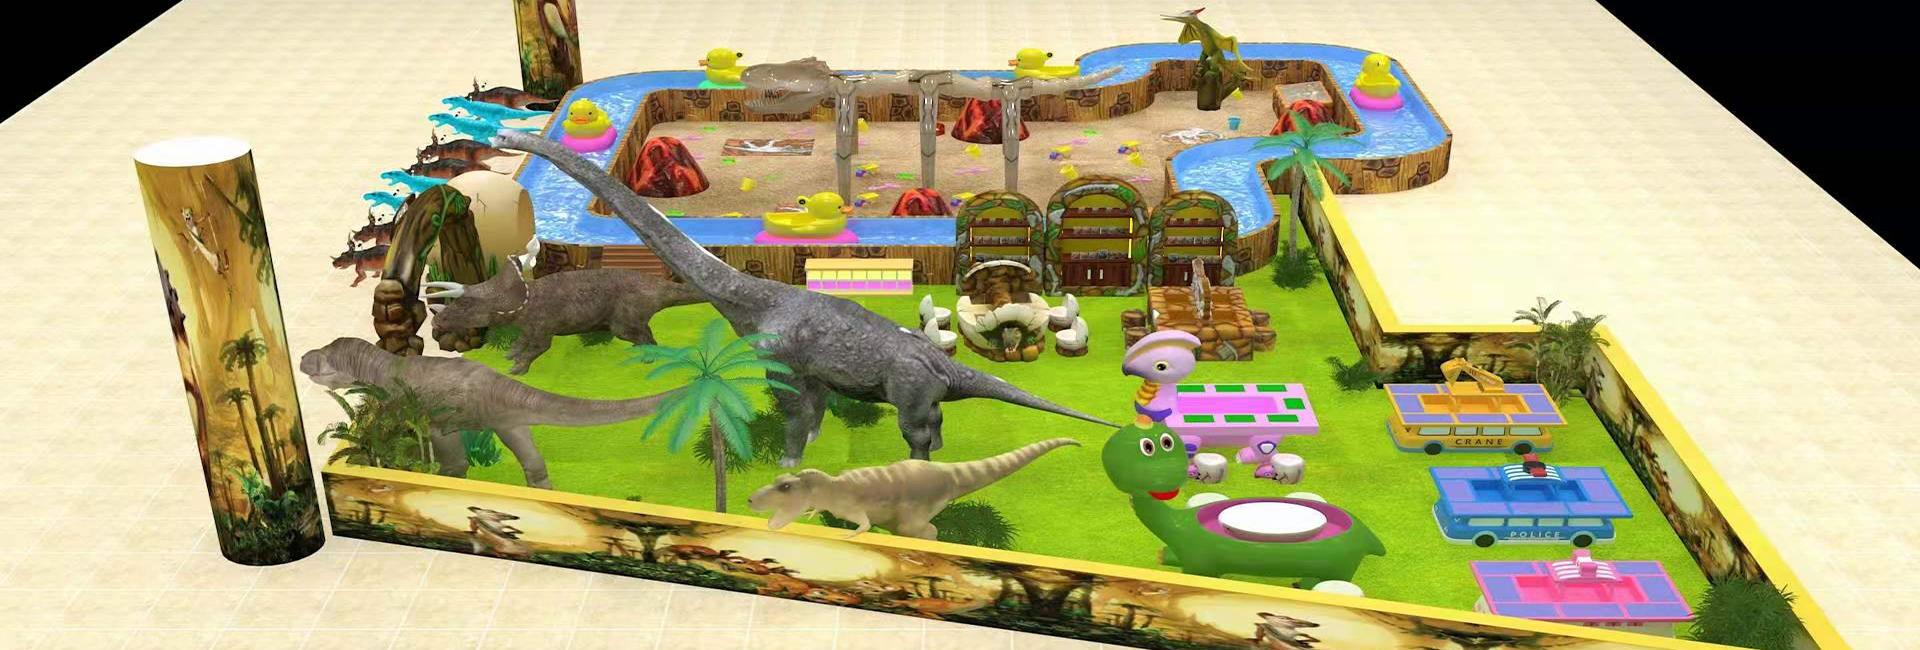 恐龙考古漂流乐园